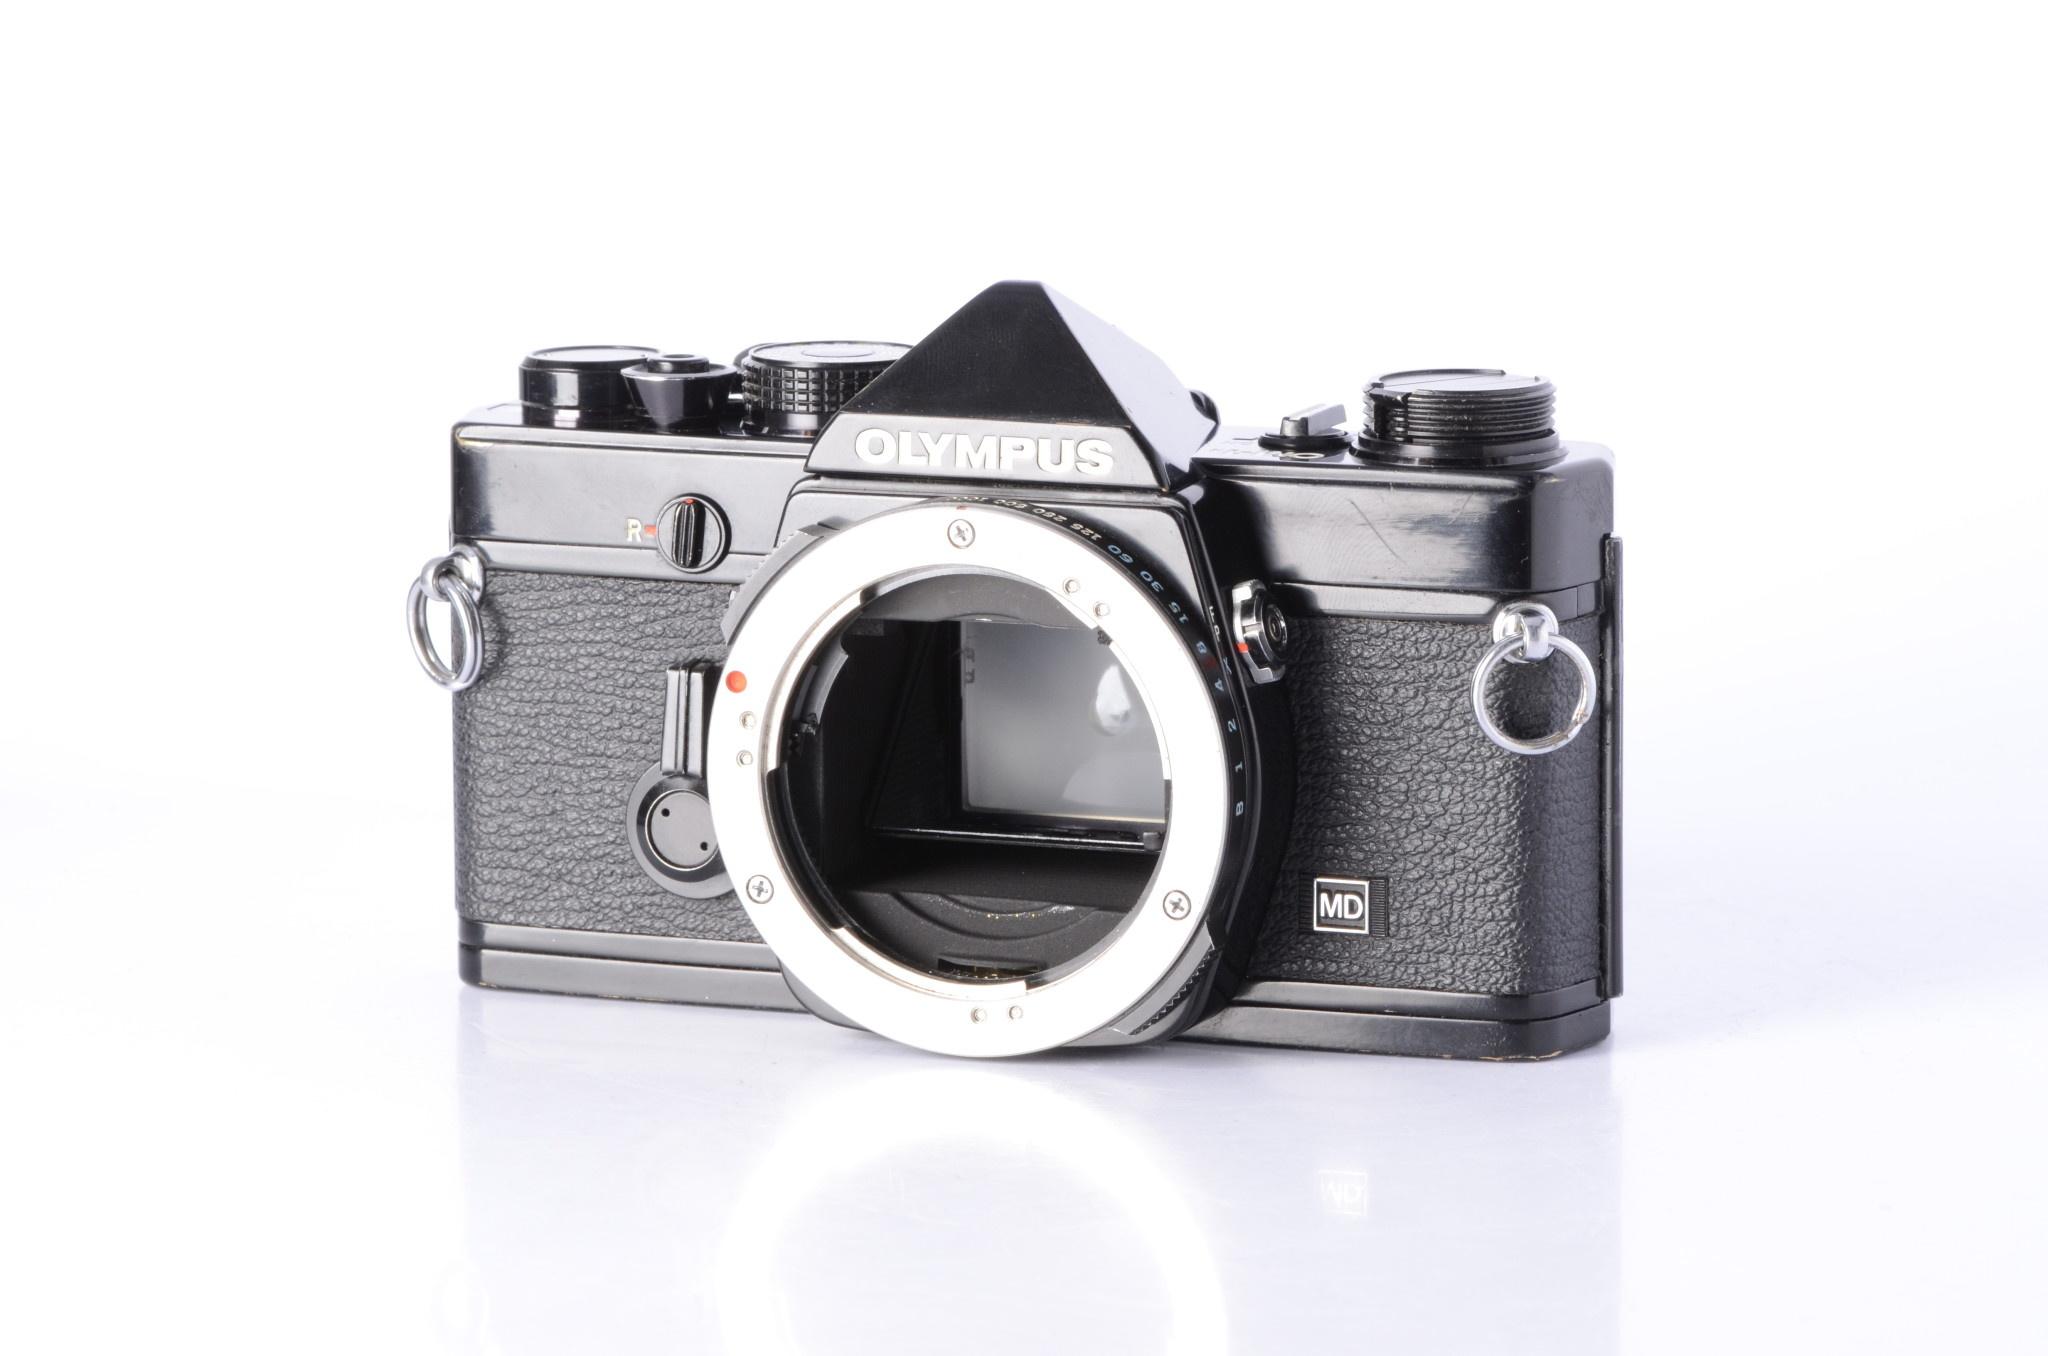 Olympus Olympus OM1n MD Black 35mm Film Camera Body *